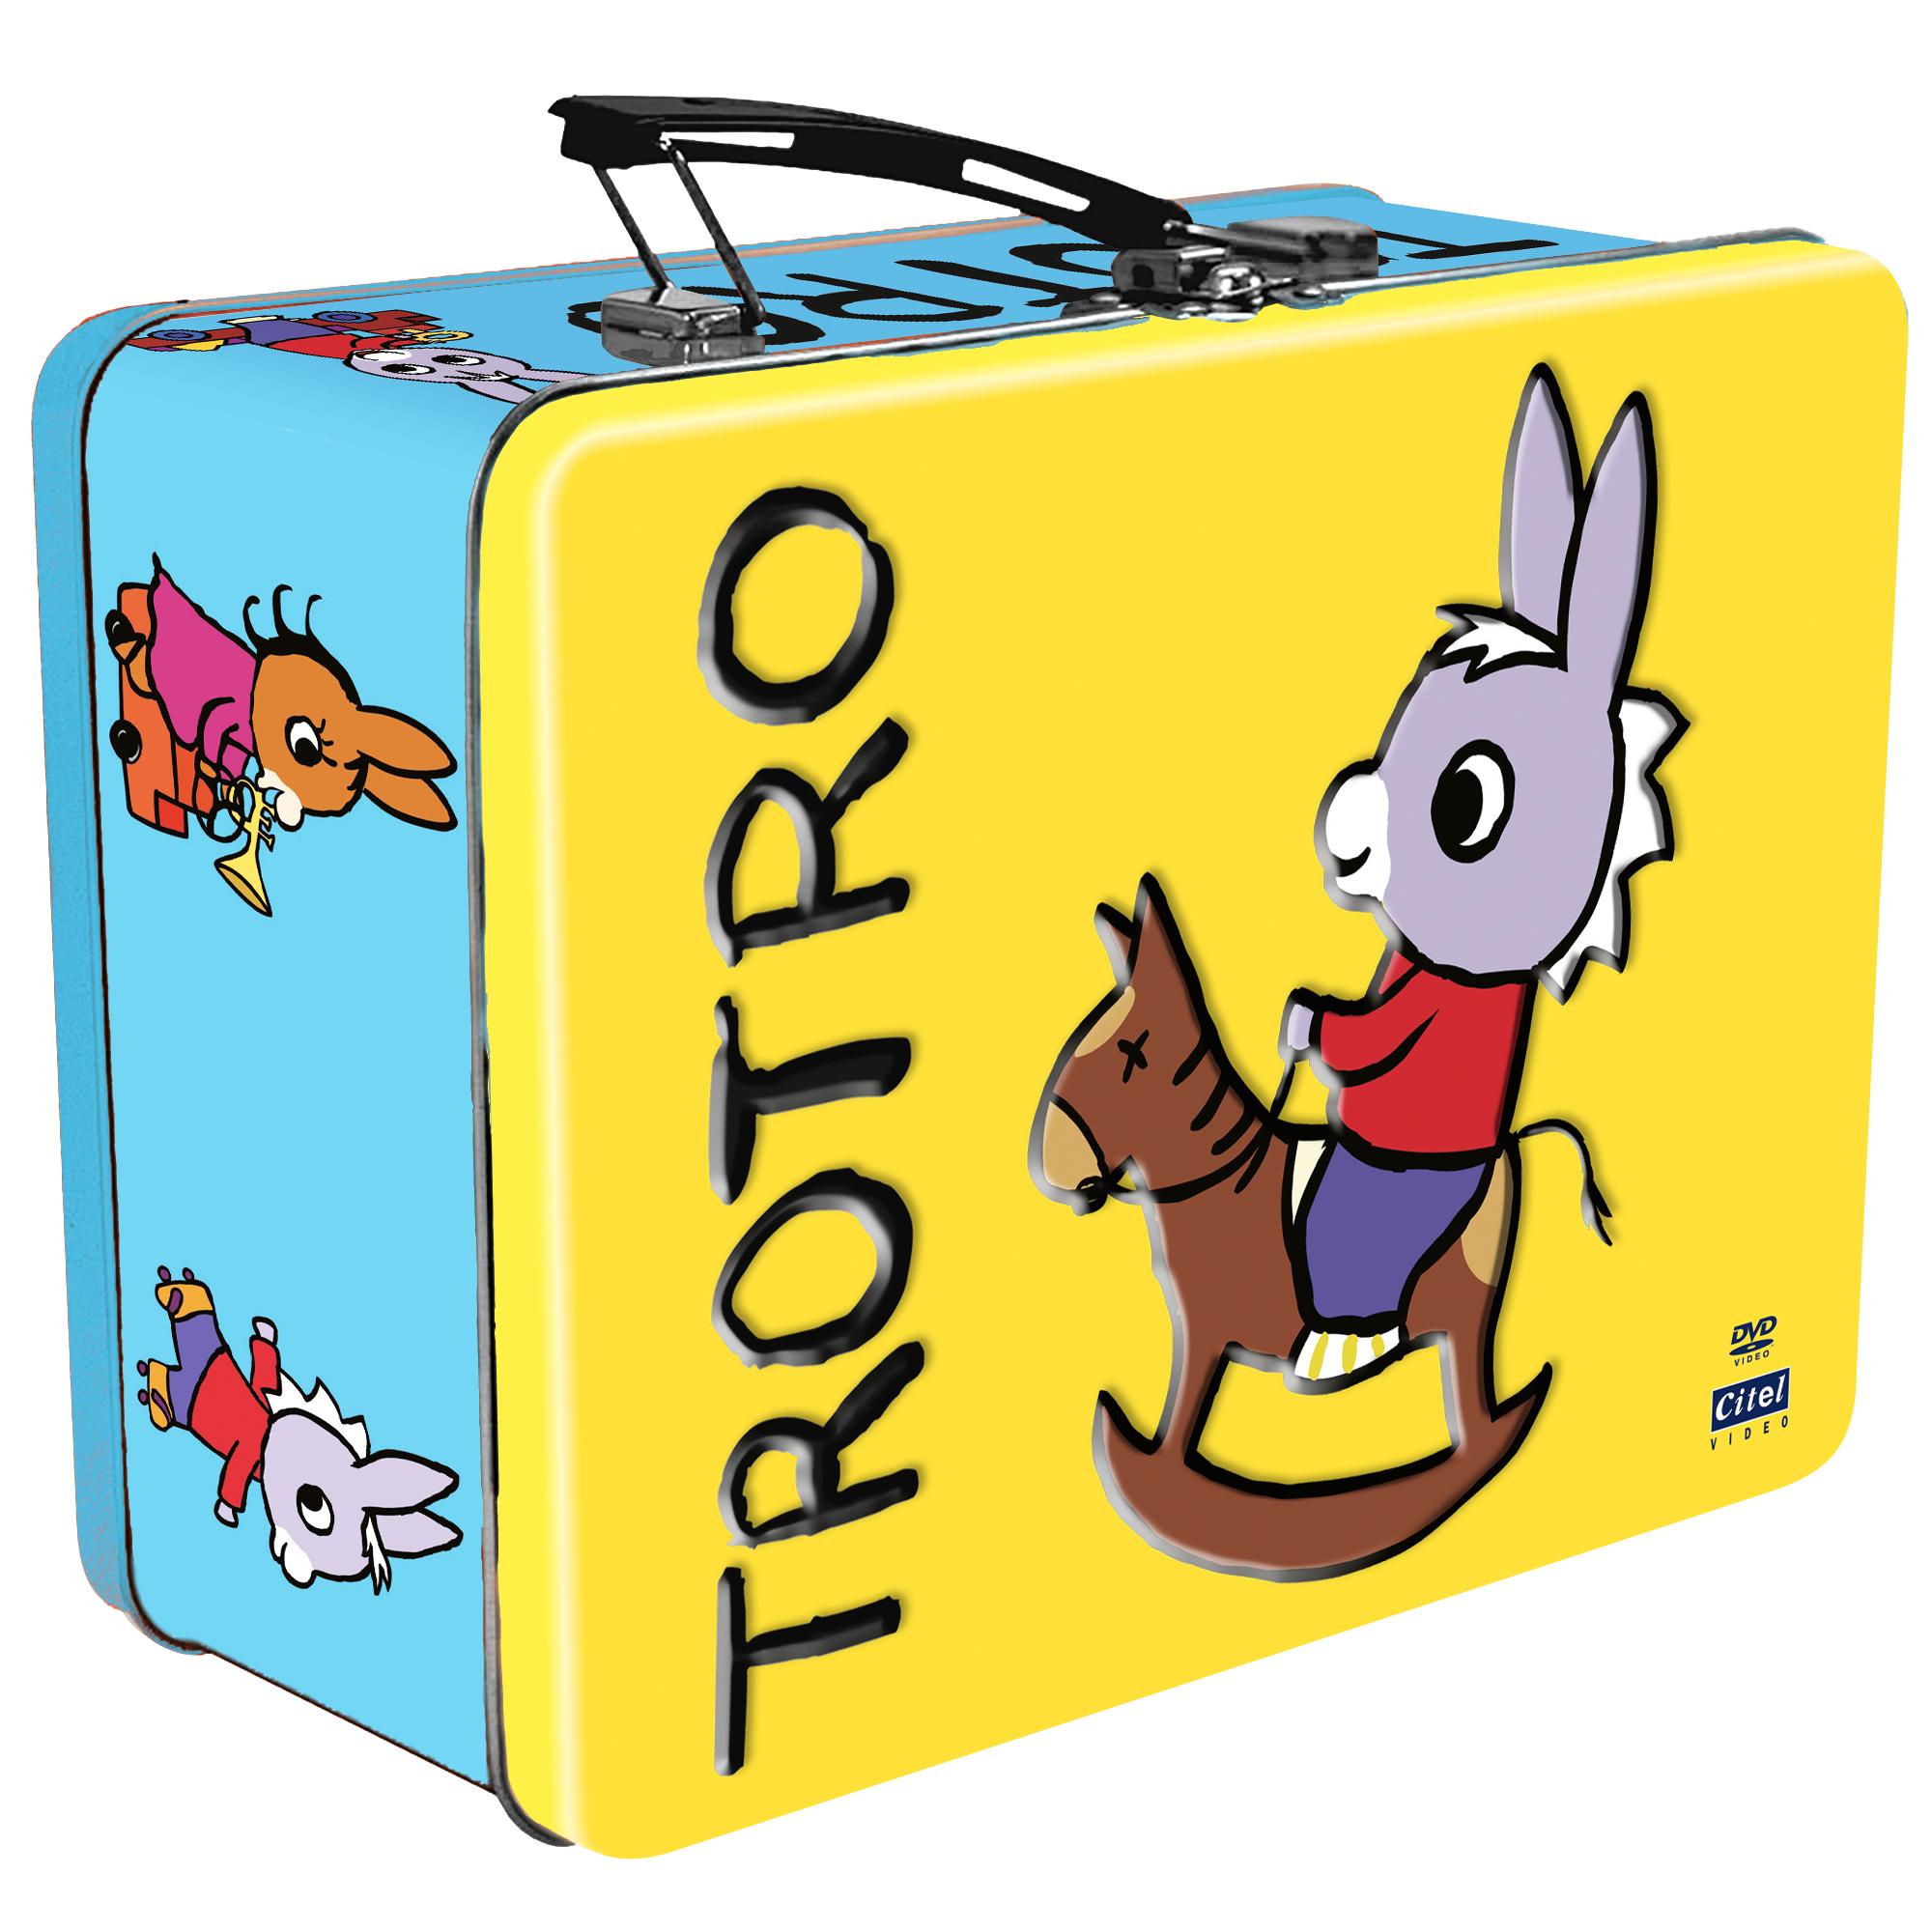 Trotro - Trotro A Un Beau Cartable - Dvd pour Nouveau Trotro